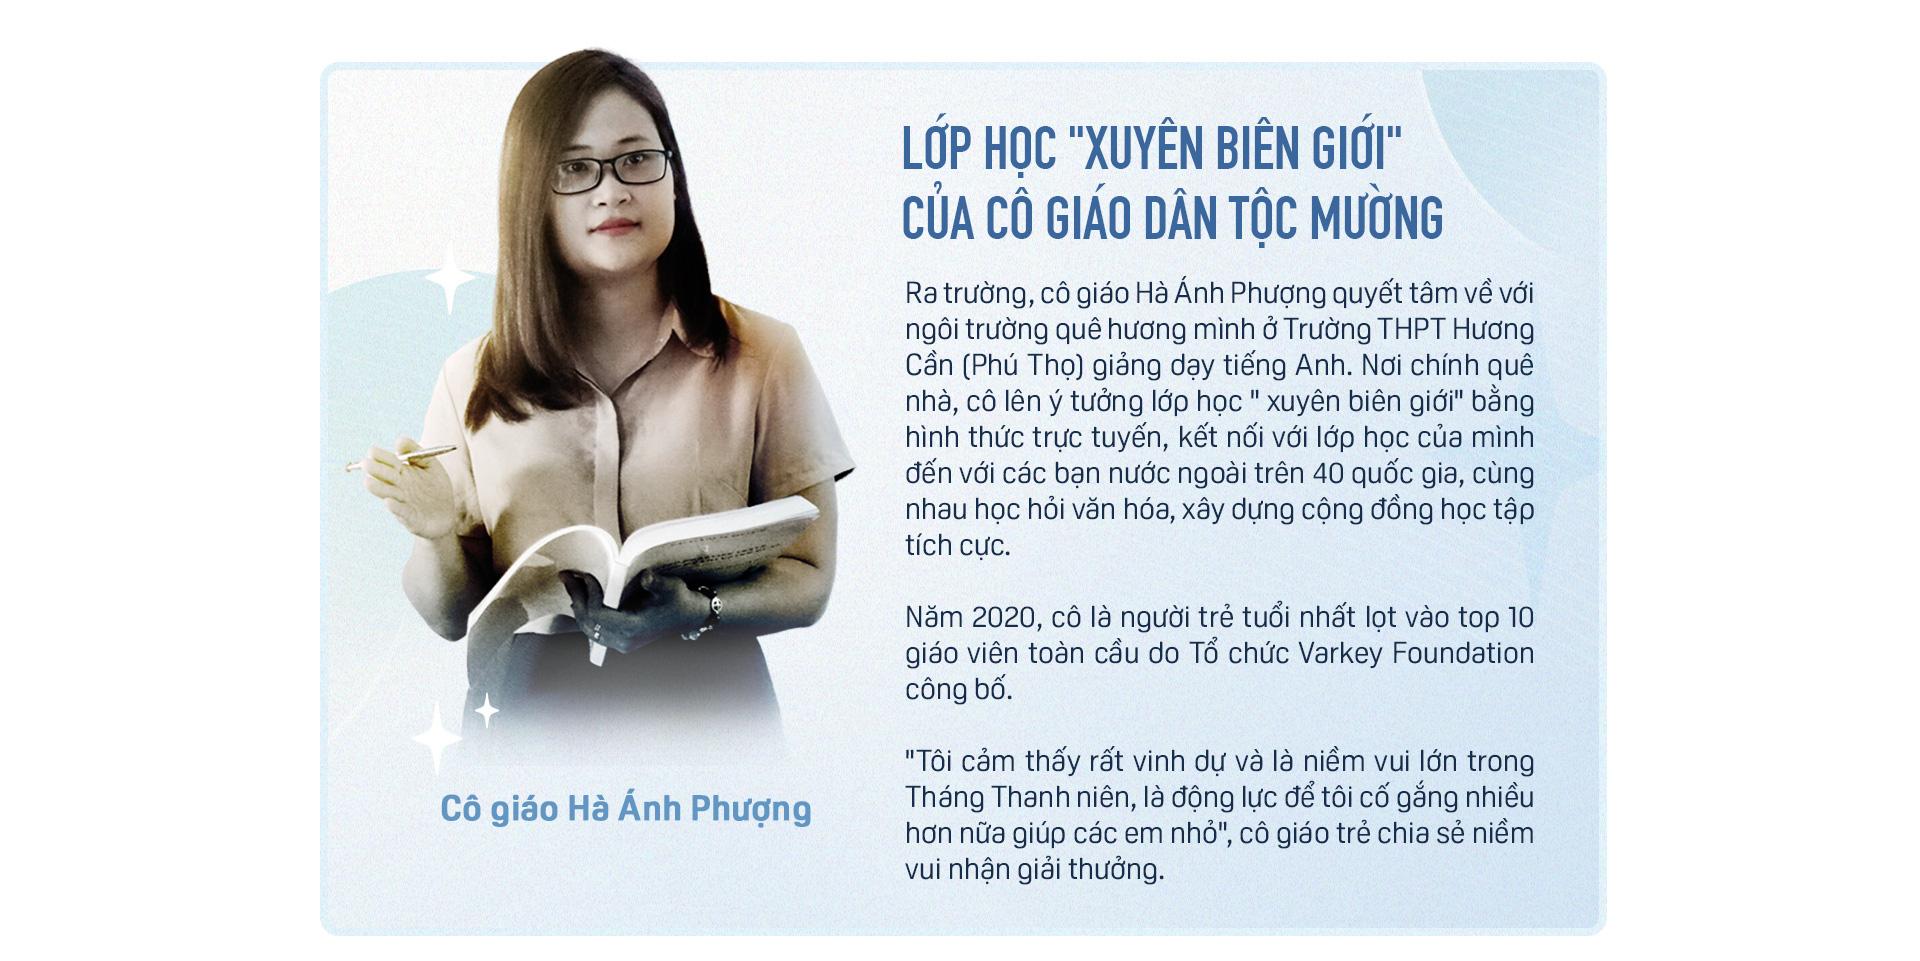 Tự hào xướng tên Việt Nam trên đấu trường quốc tế - Ảnh 15.